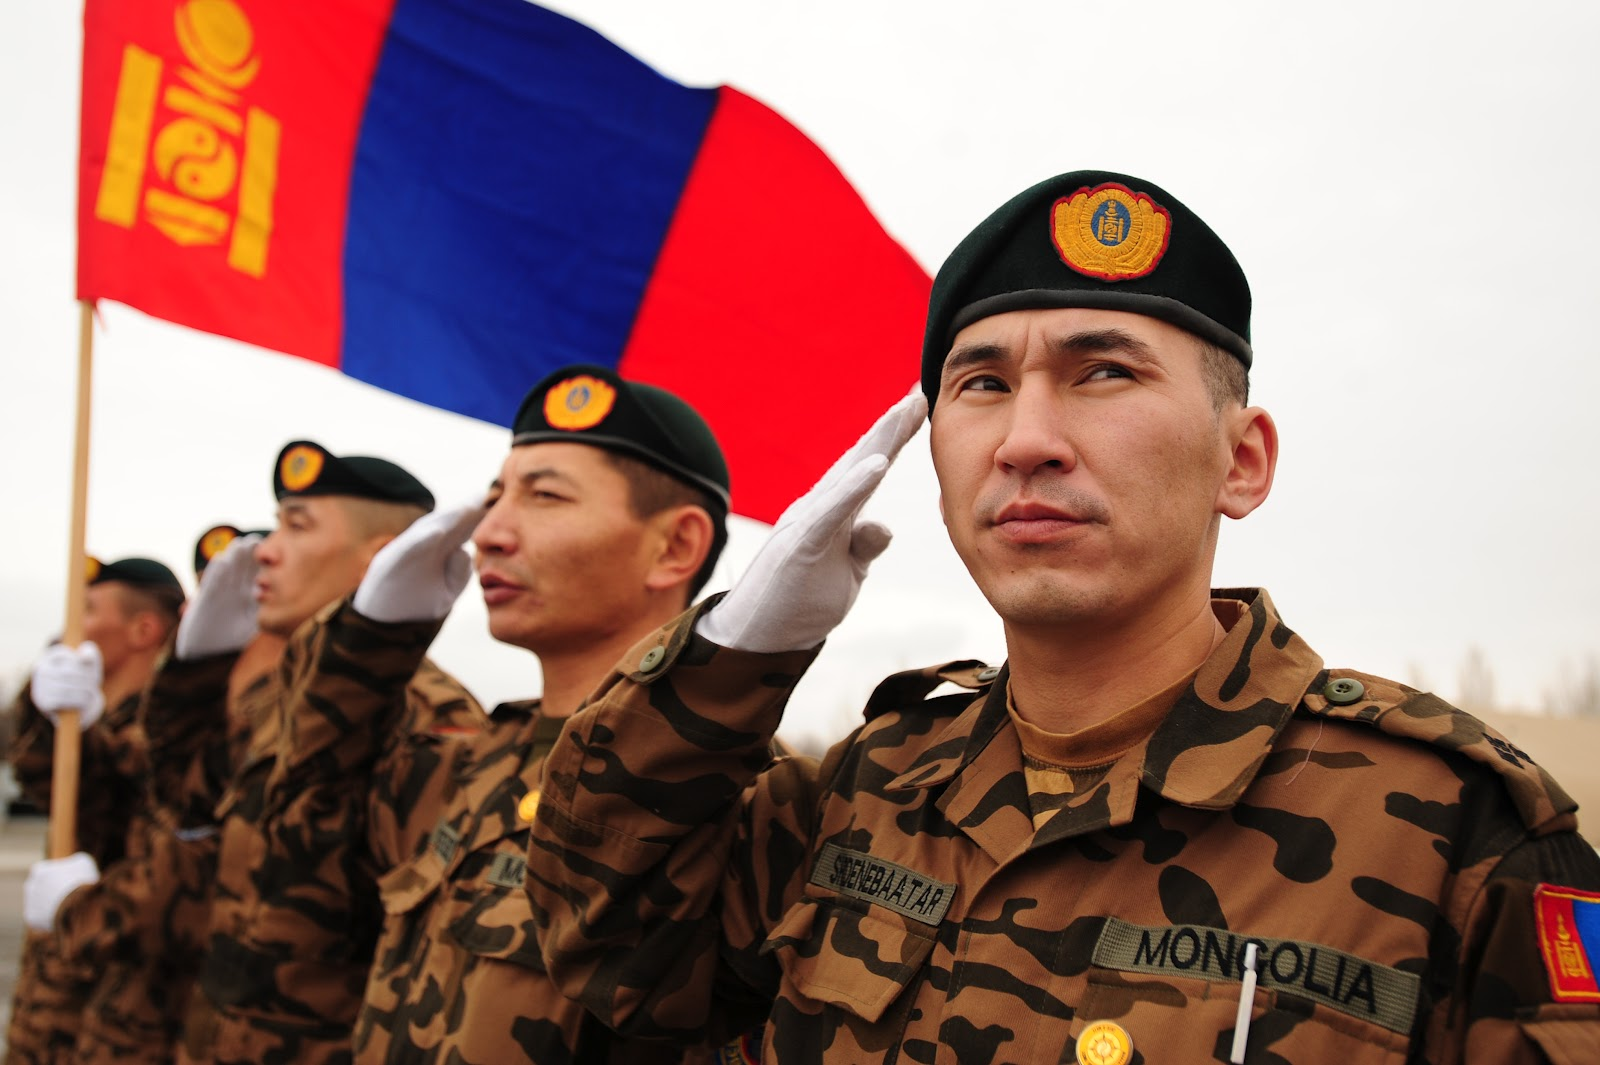 Fuerzas Armadas del Mundo: MONGOLIA: http://ordendebatallainternacional.blogspot.com/2012/07/mongolia.html